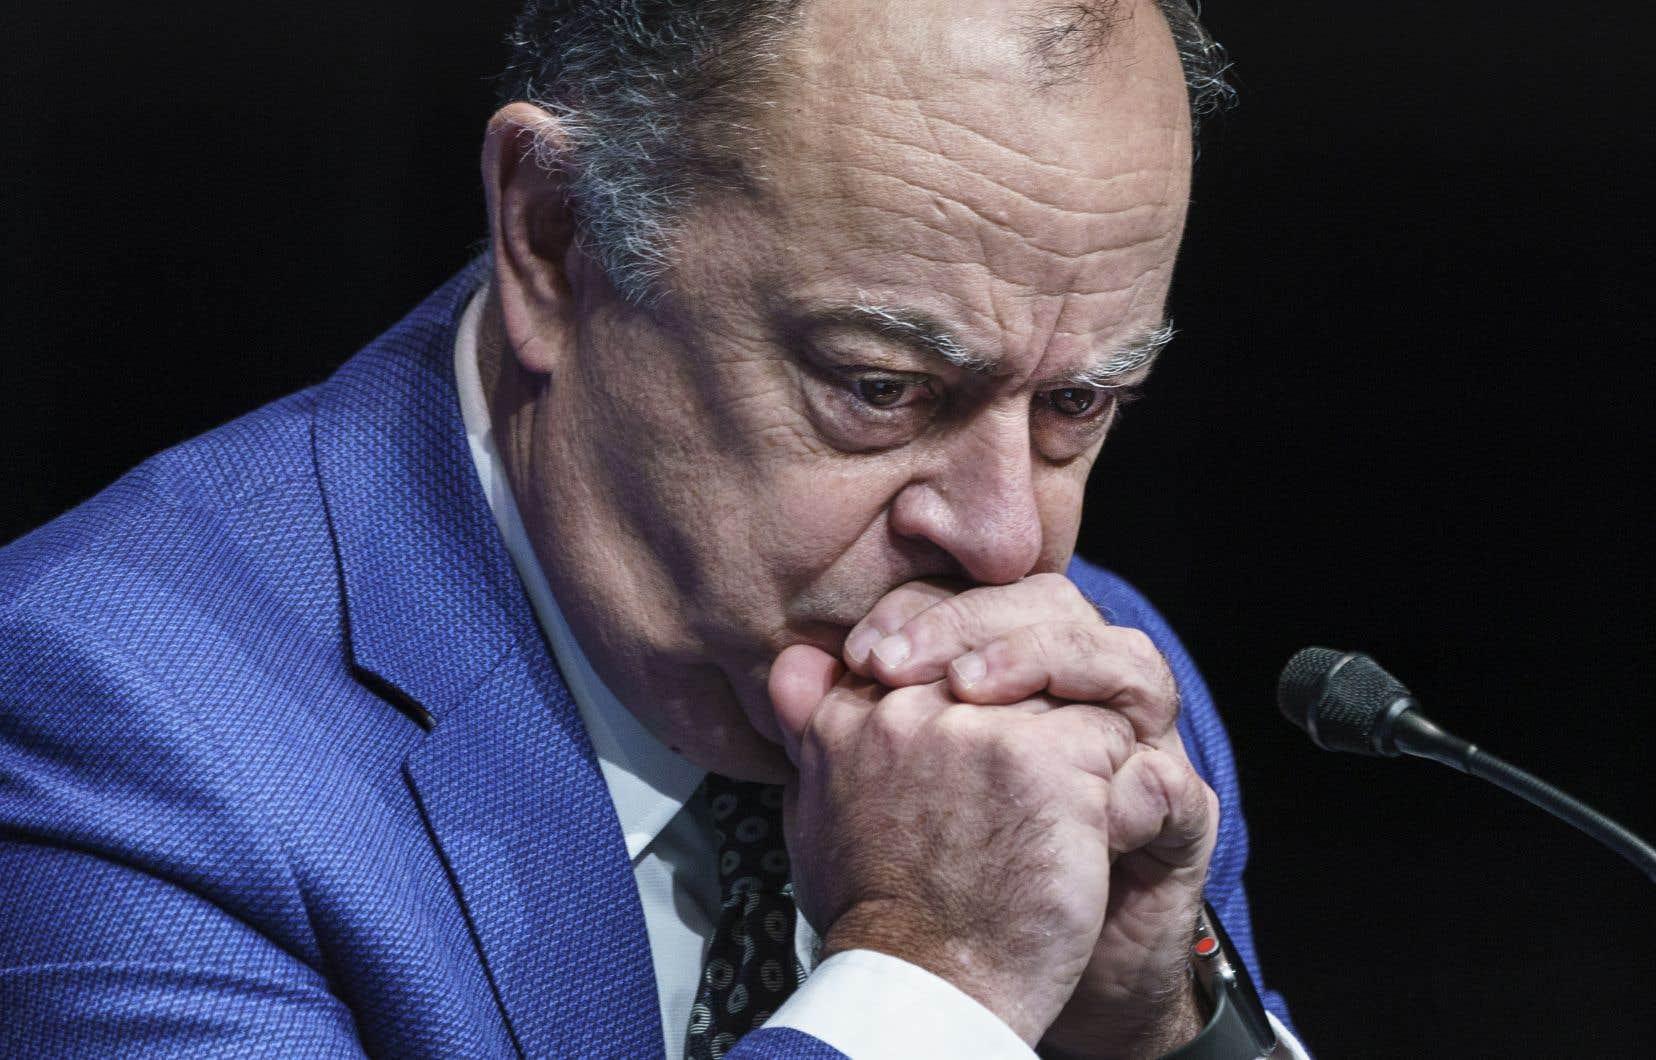 <p>«J'ai toujours confiance en Daniel Paré», s'est contenté de répondre le ministre Dubé au <em>Devoir</em>, alors qu'il se rendait au Salon bleu pour répondre aux questions des partis d'opposition sur sa gestion de la pandémie.</p>